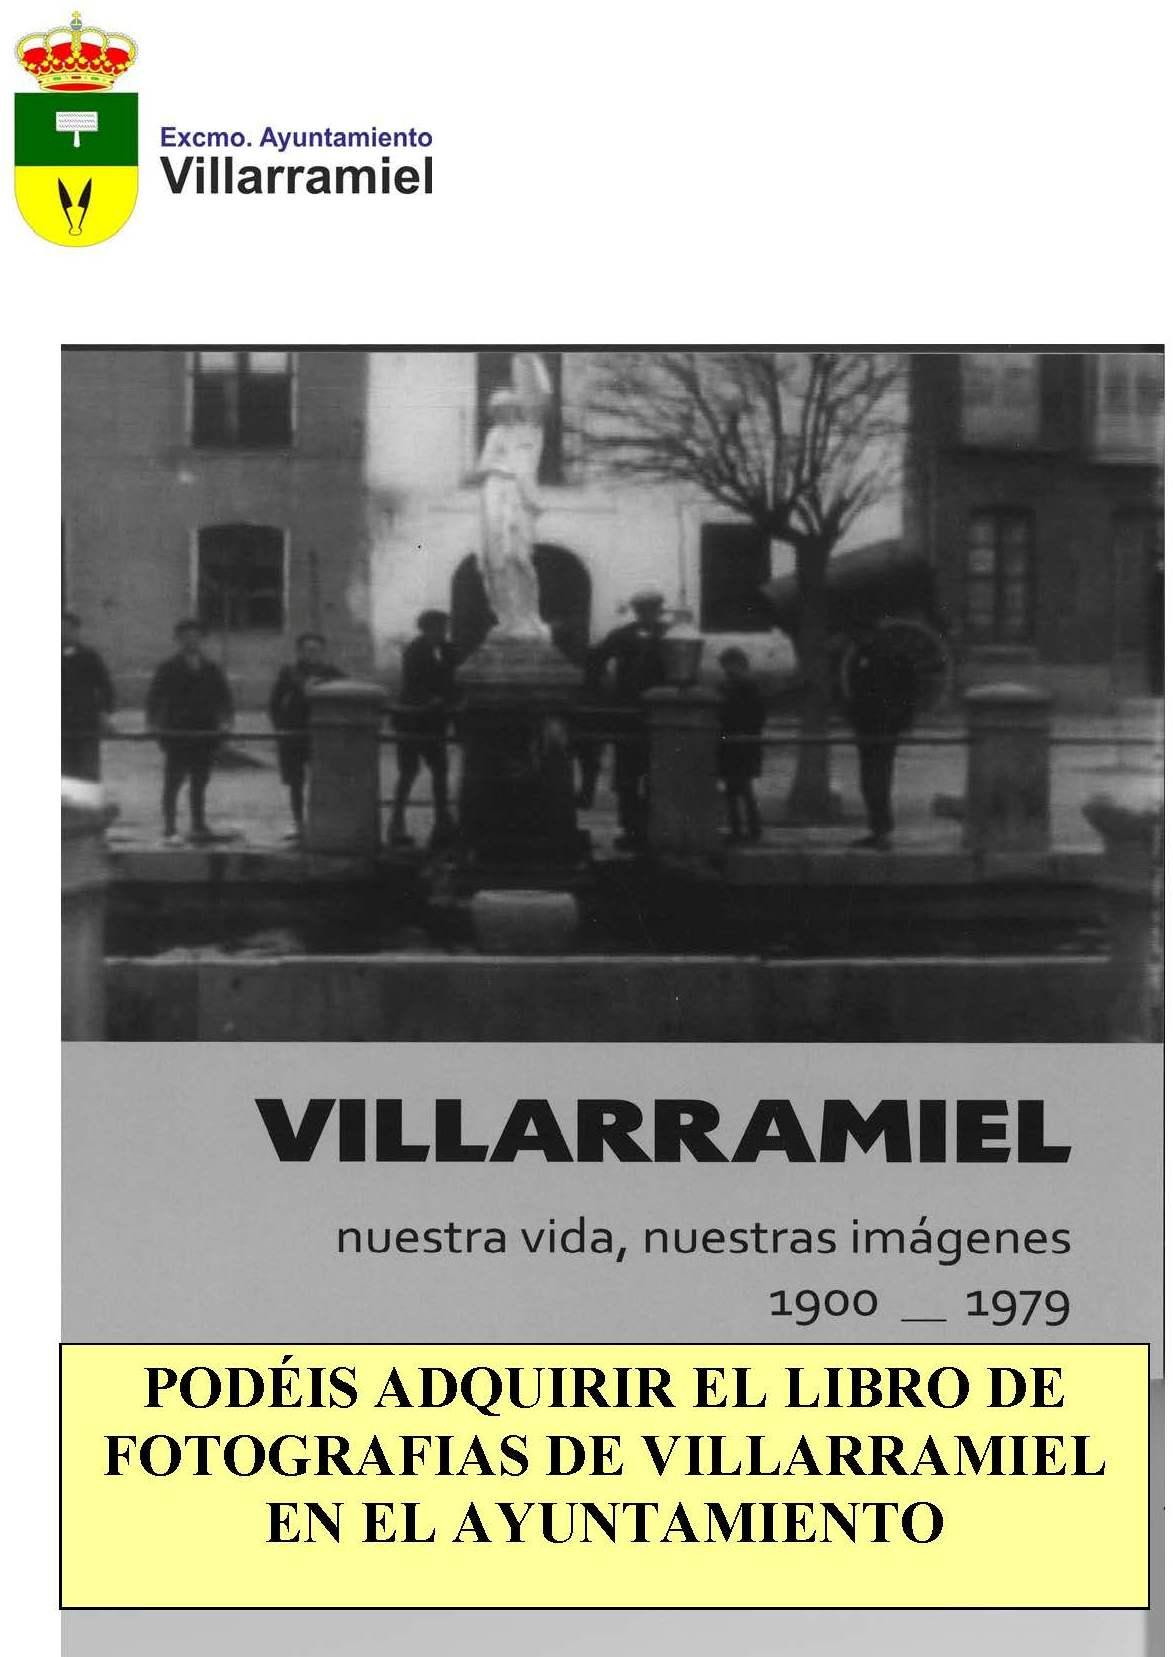 Libro de fotografías de Villarramiel